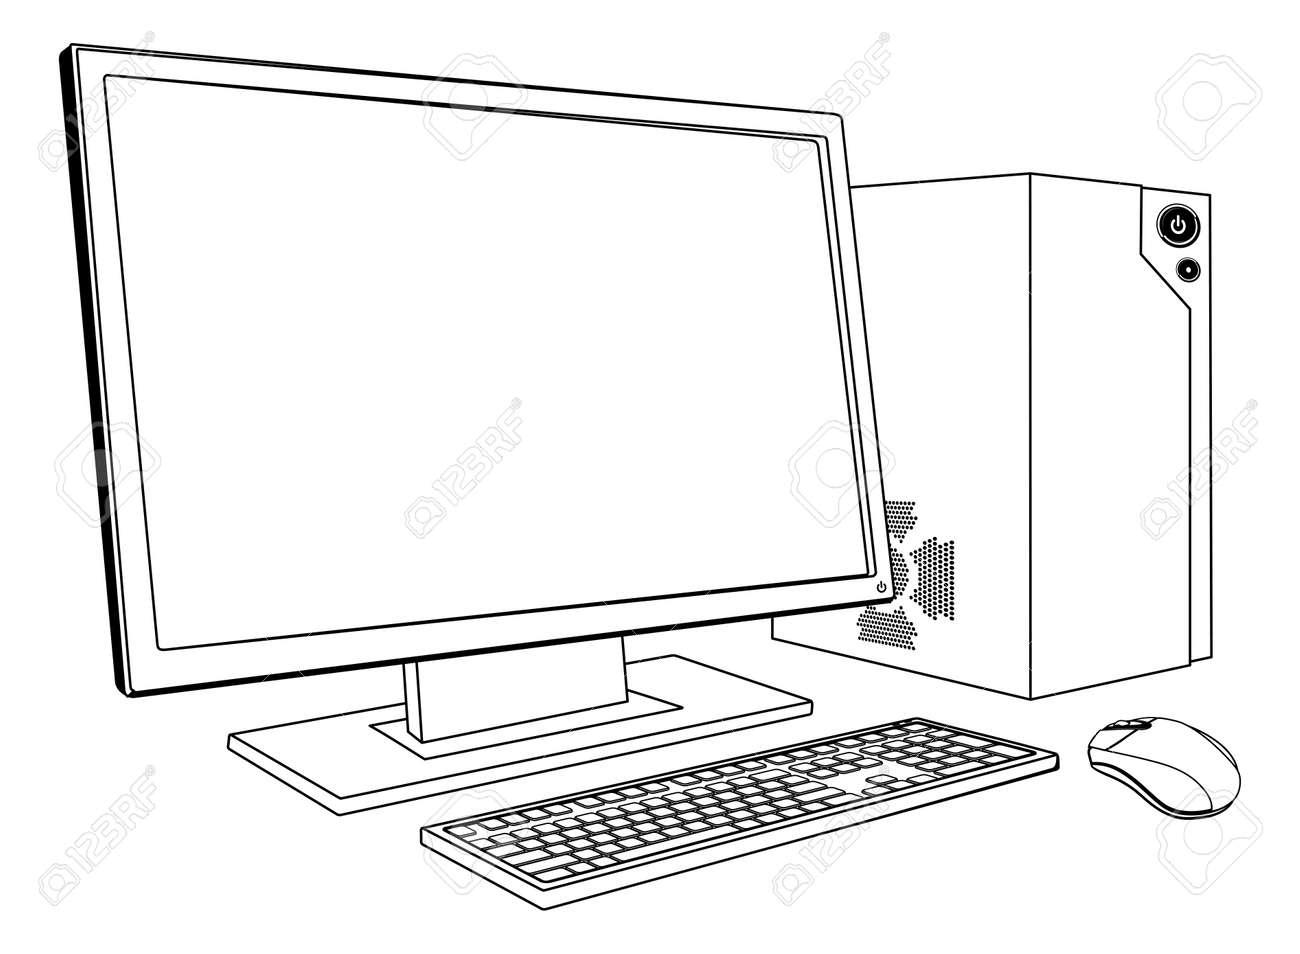 Arbeitsplatz computer clipart  Eine Schwarz-weiße Darstellung Der Desktop-PC Computer ...